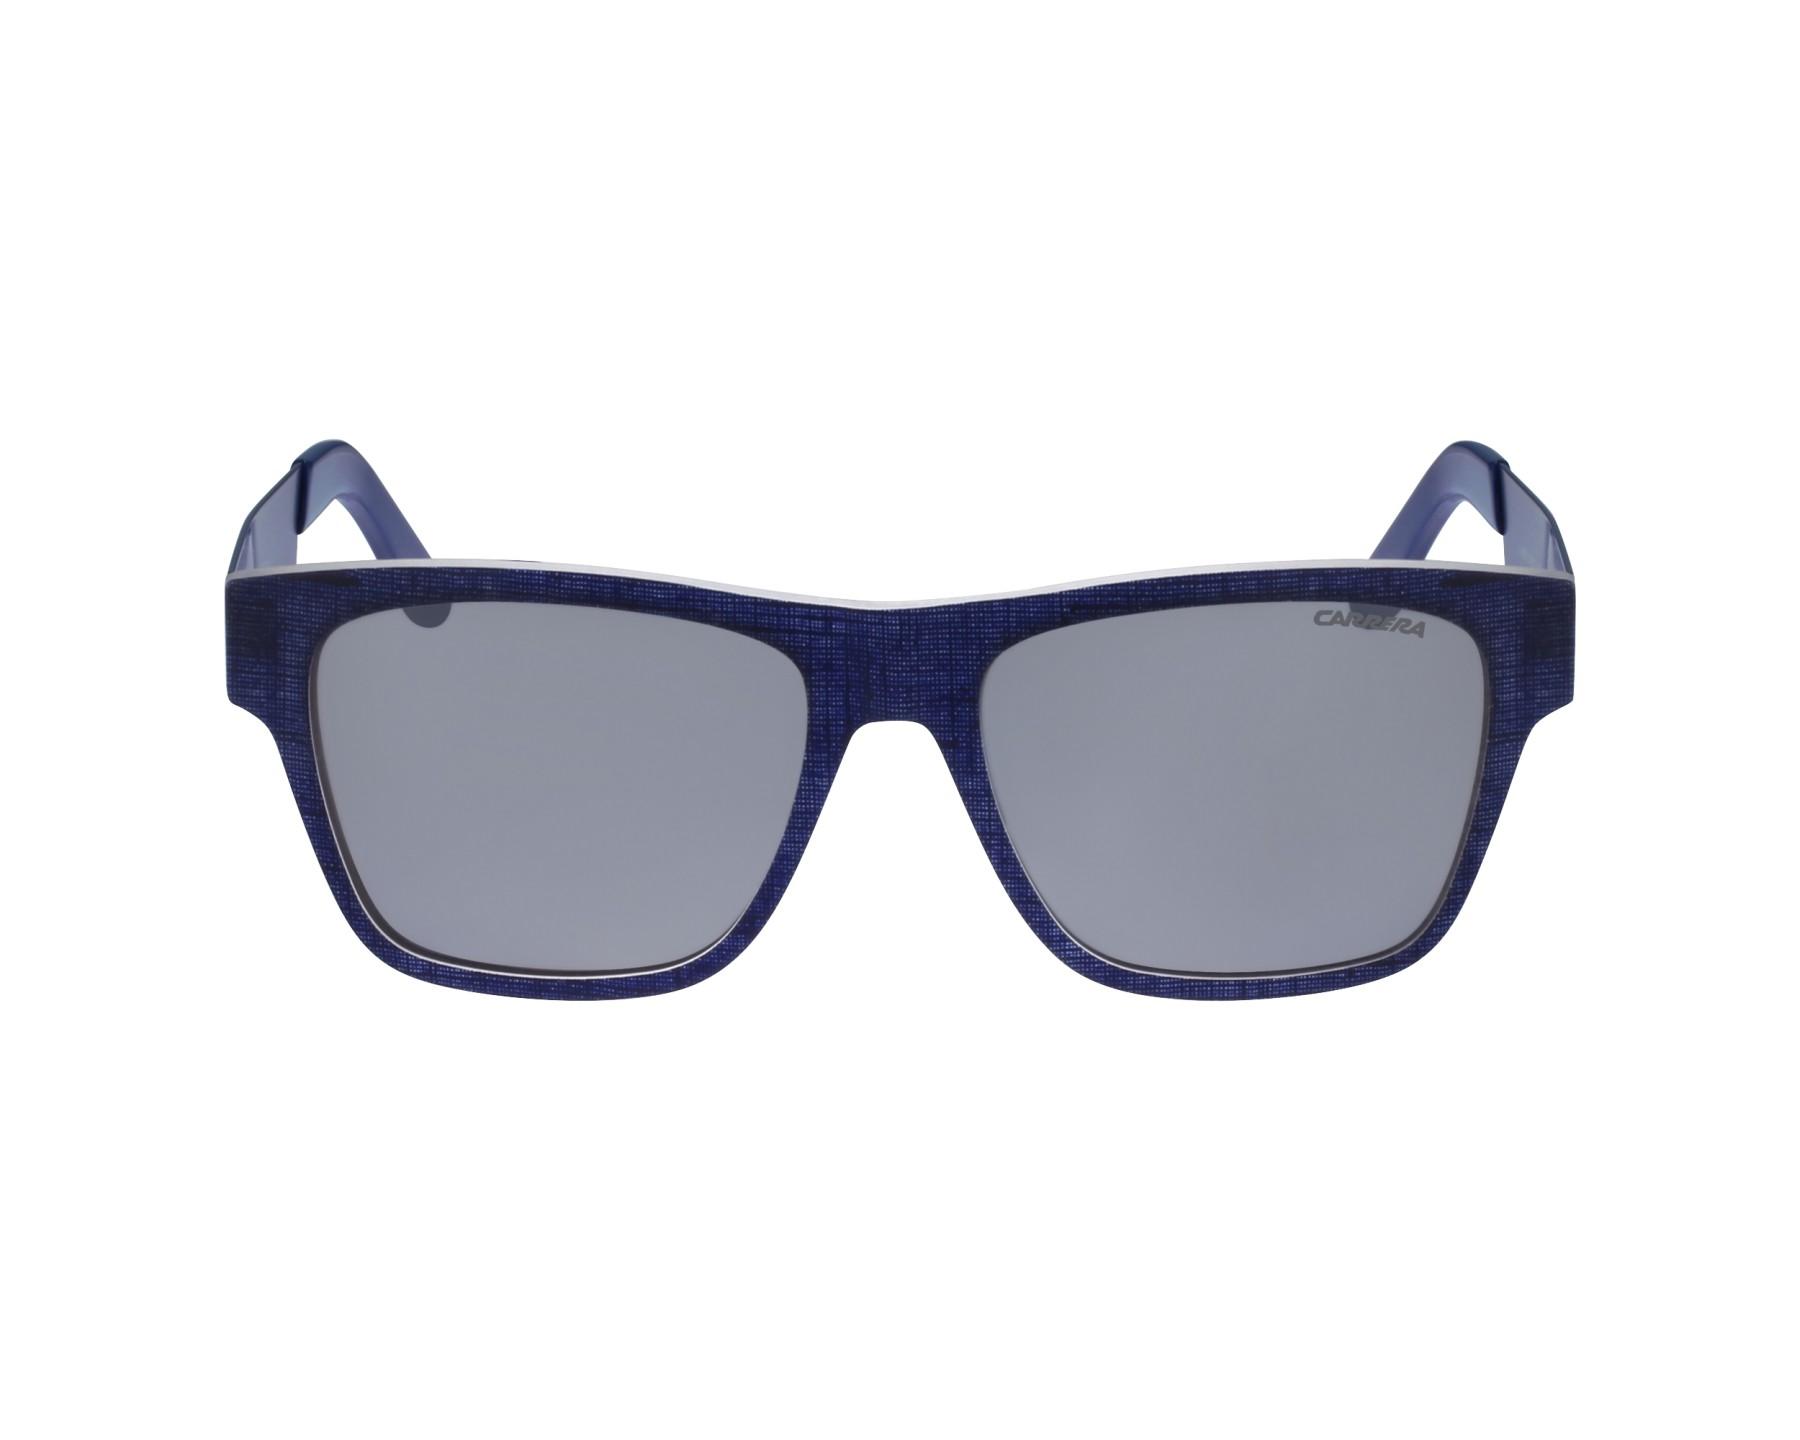 c3b617a6b0f0b2 Lunettes de soleil Carrera 5002-TX FTZ U4 - Bleu vue de profil